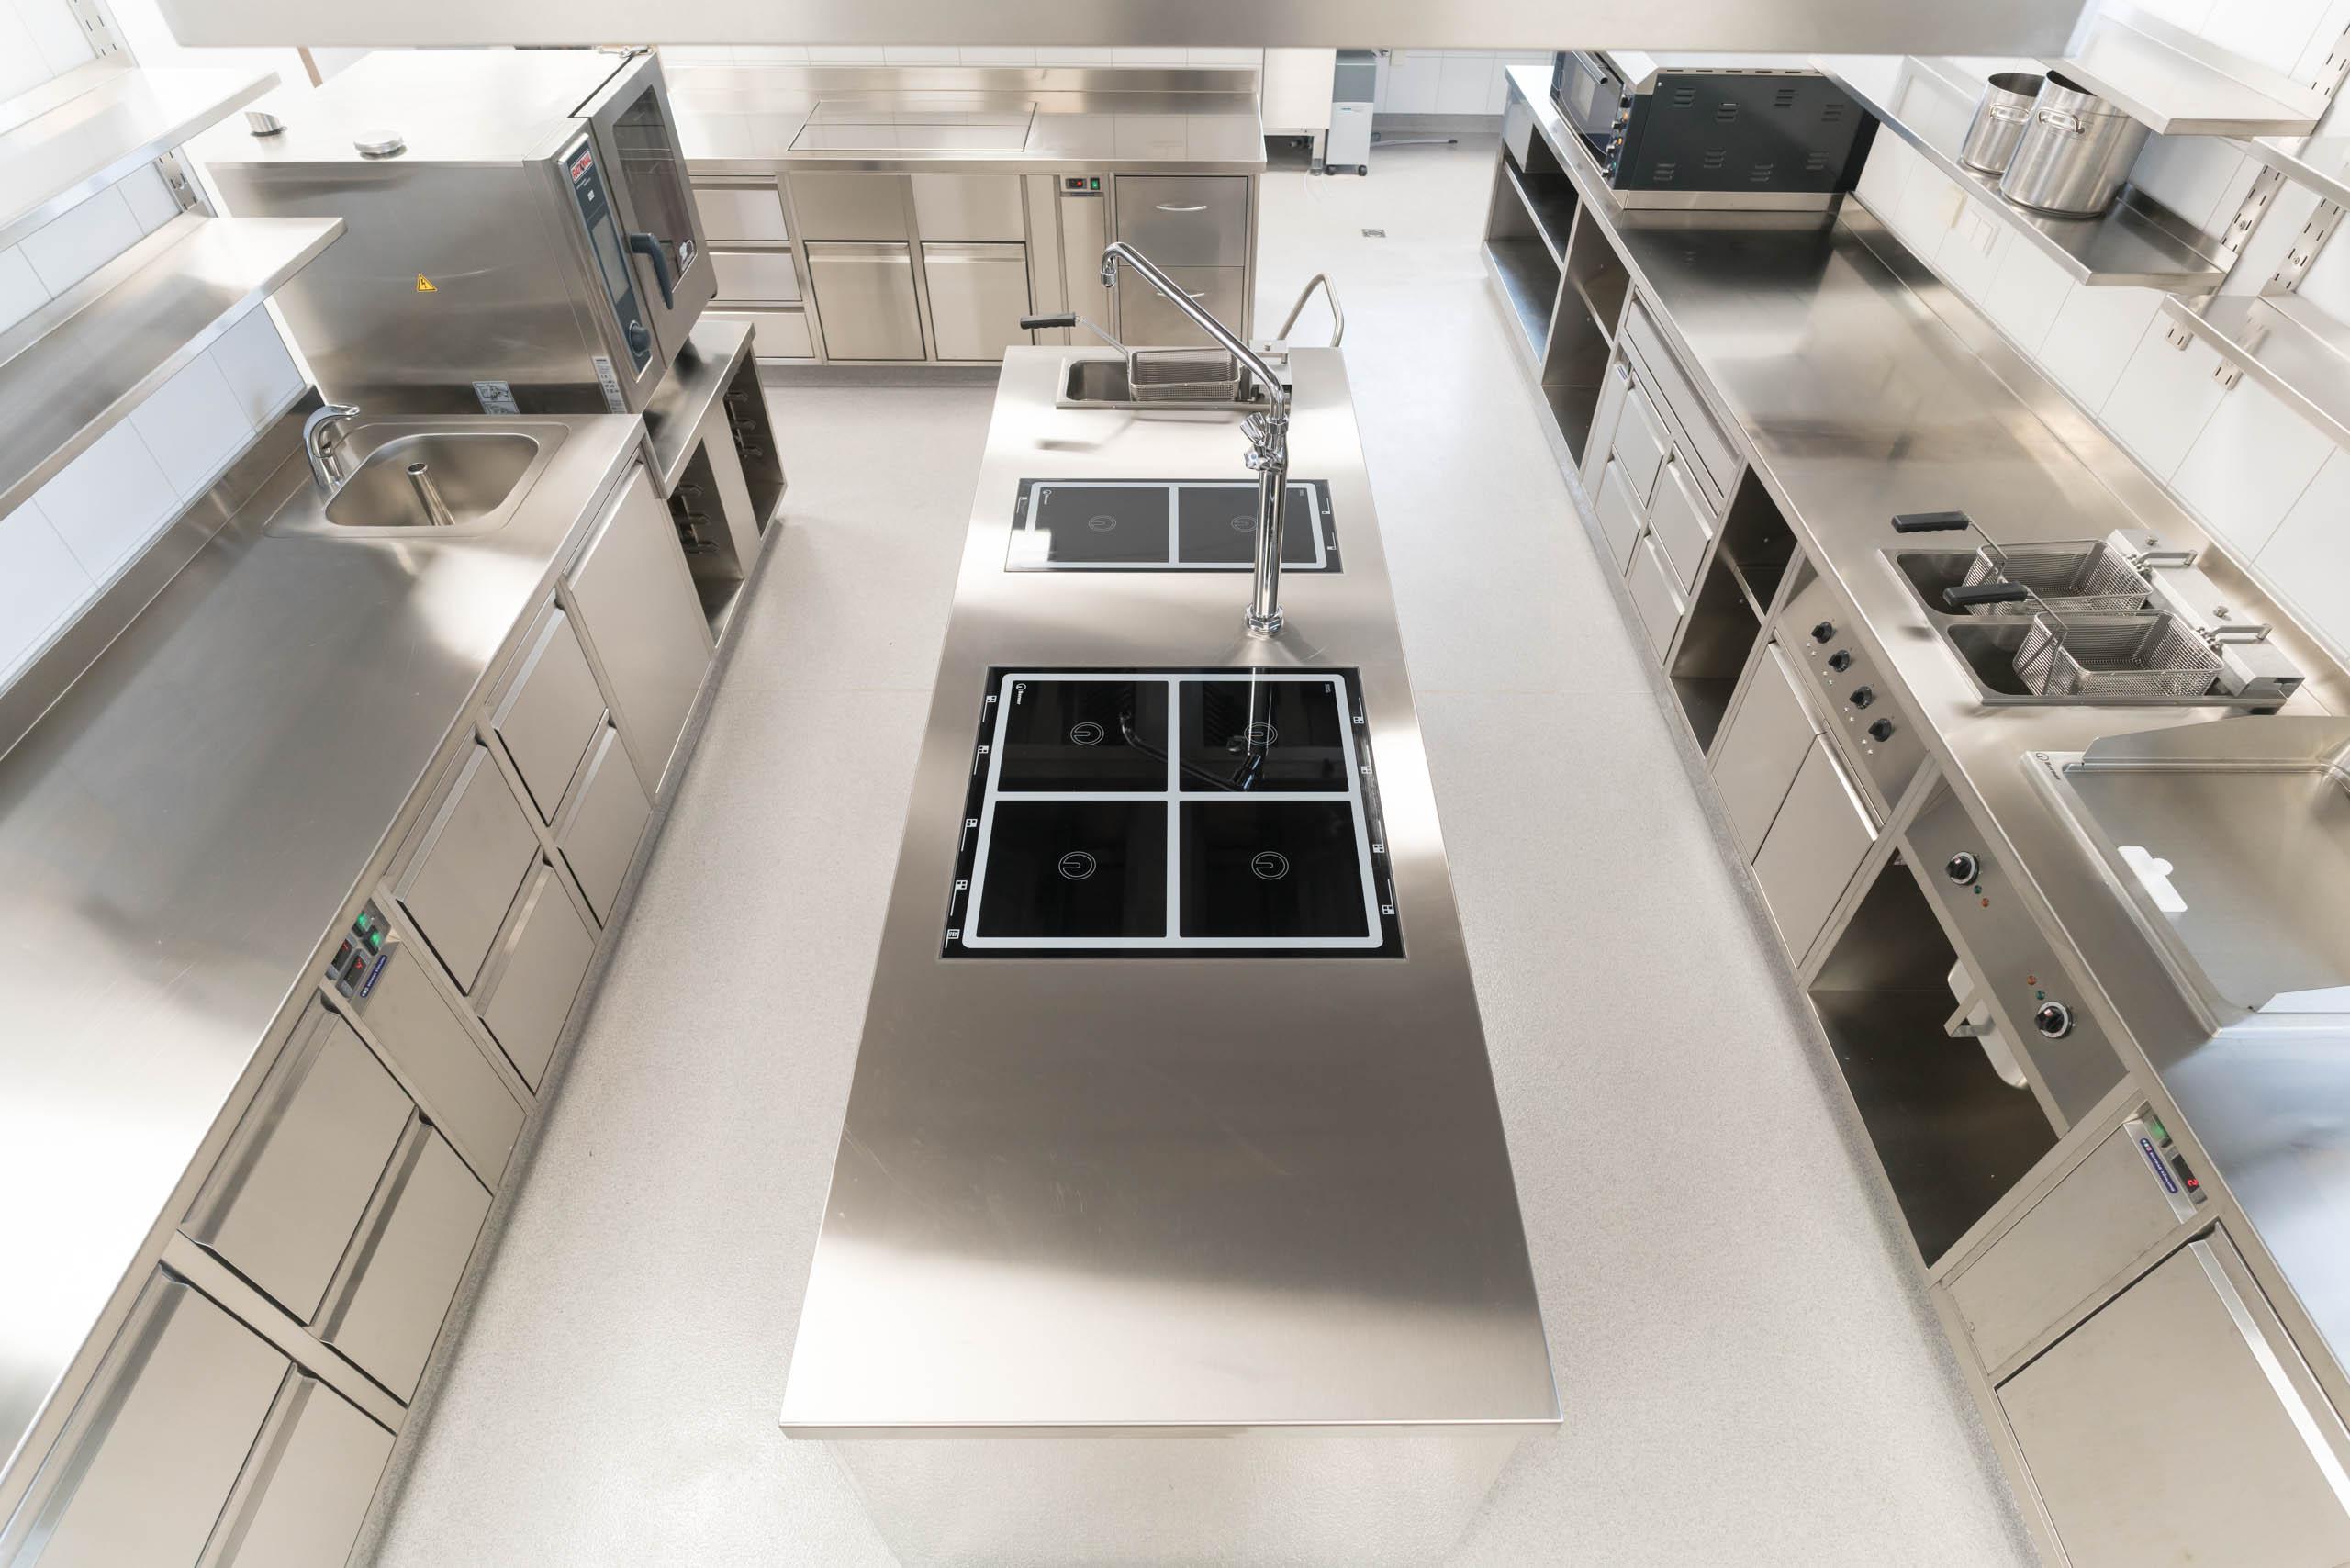 Schwab Kühlung – Architektur- & Produktfotografie